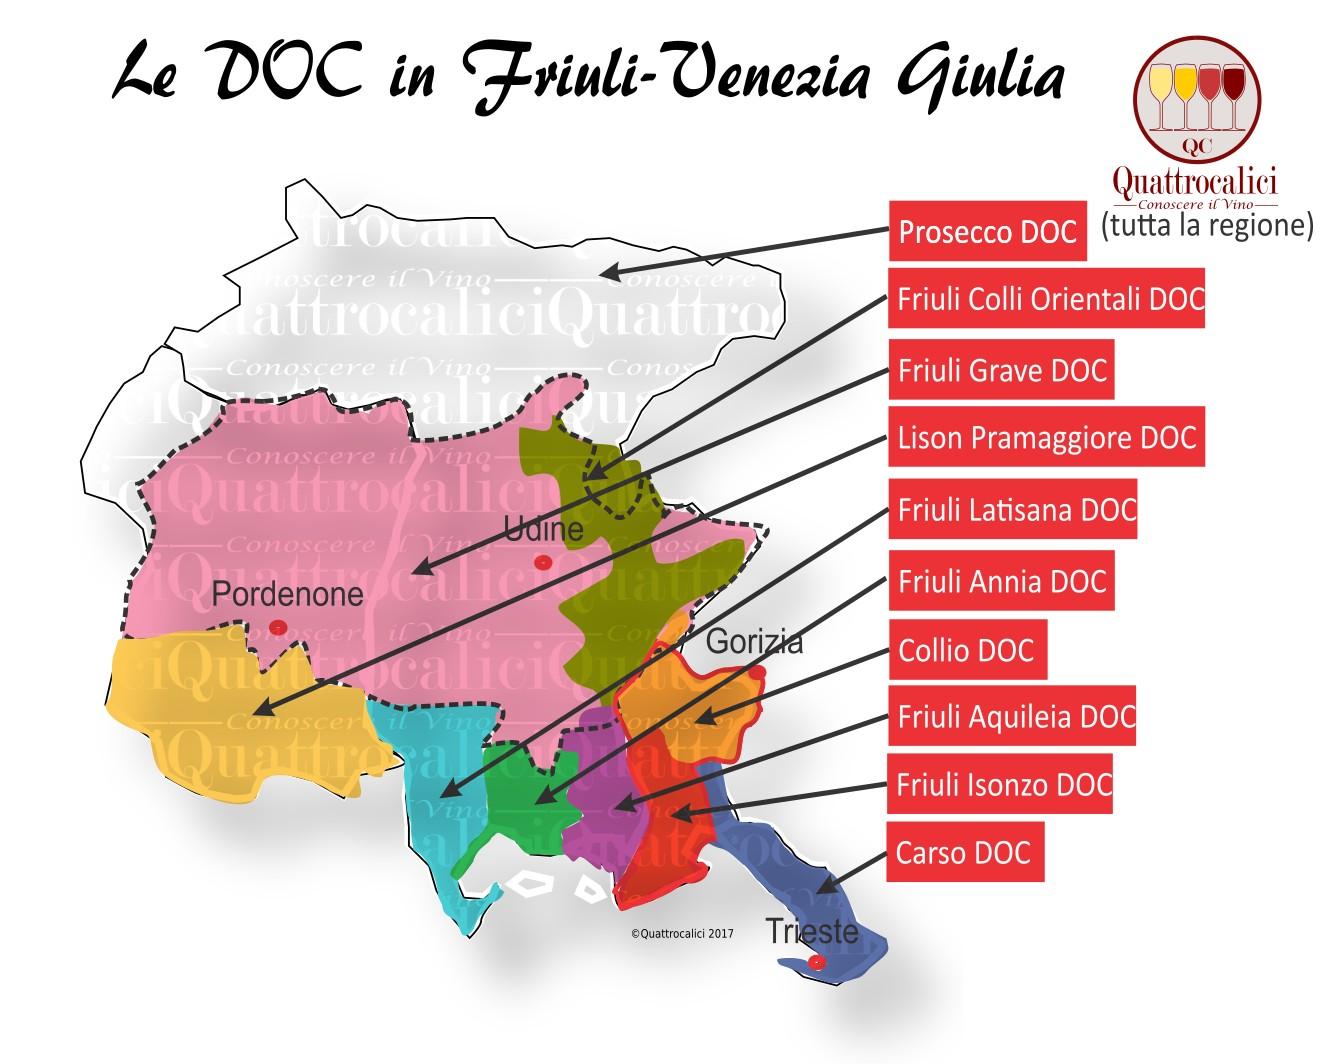 Mappa Denominzioni DOC Friuli-Venezia Giulia